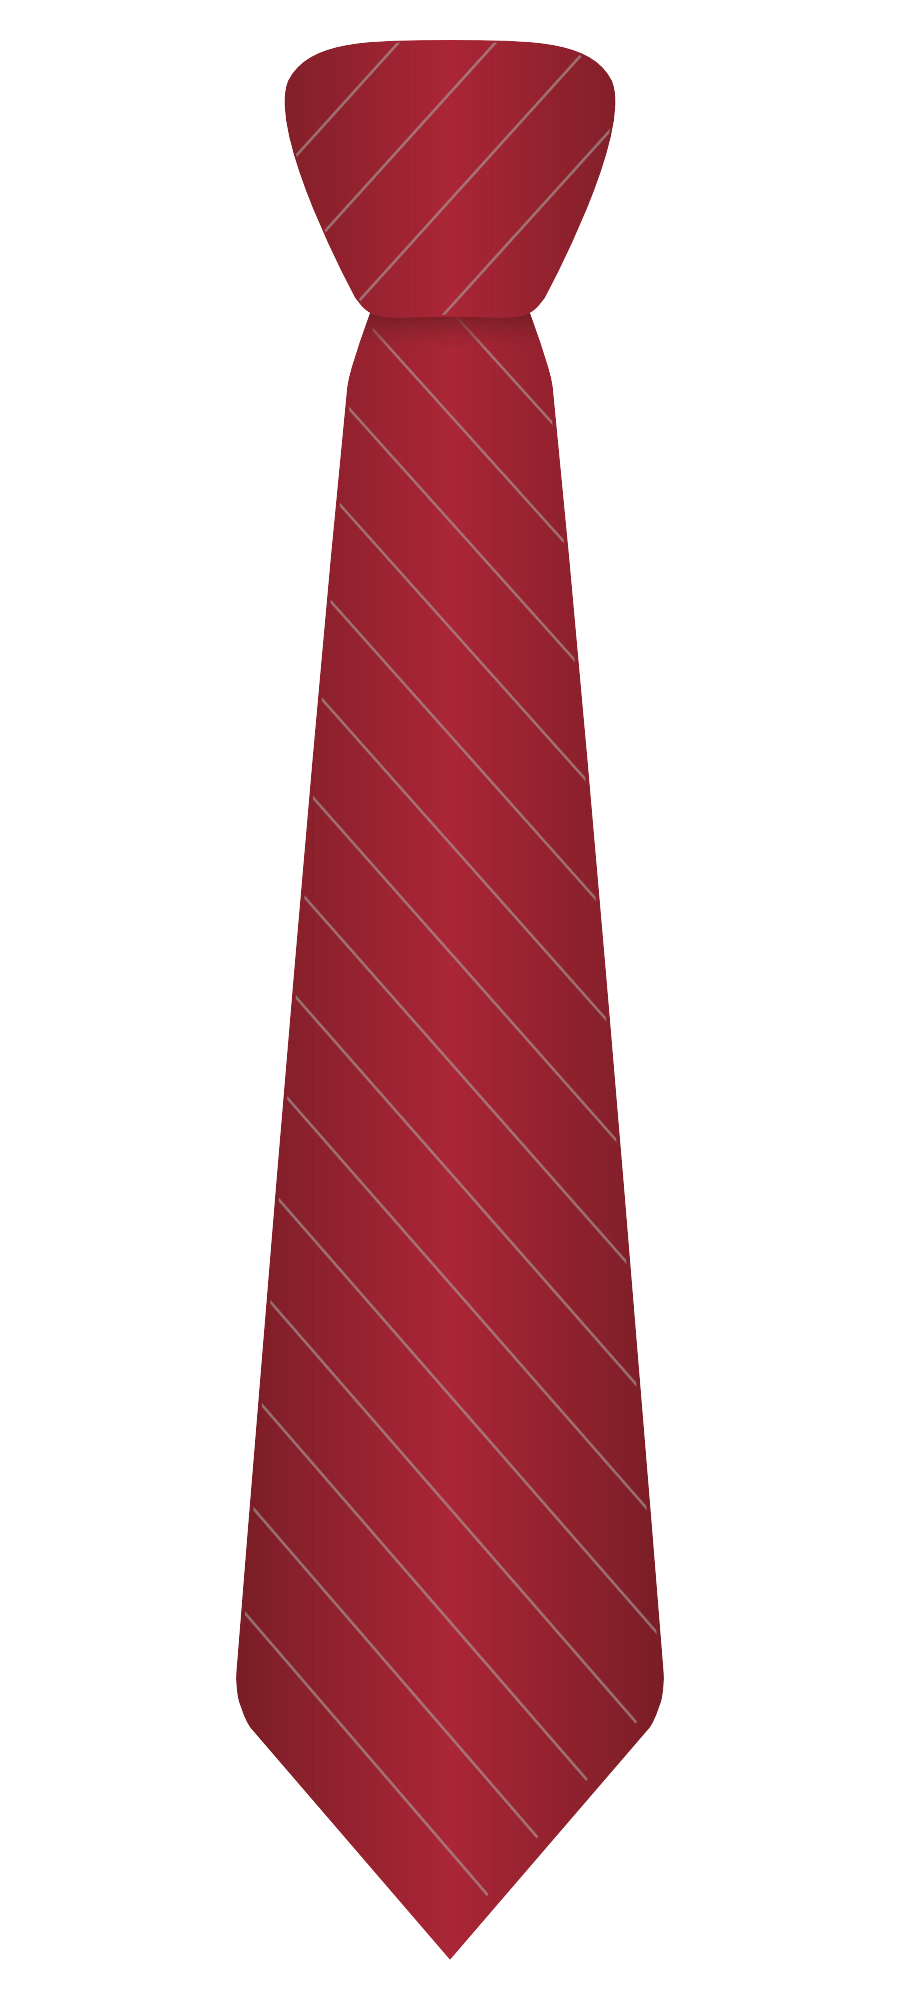 Necktie PNG Transparent Image - PNG Necktie